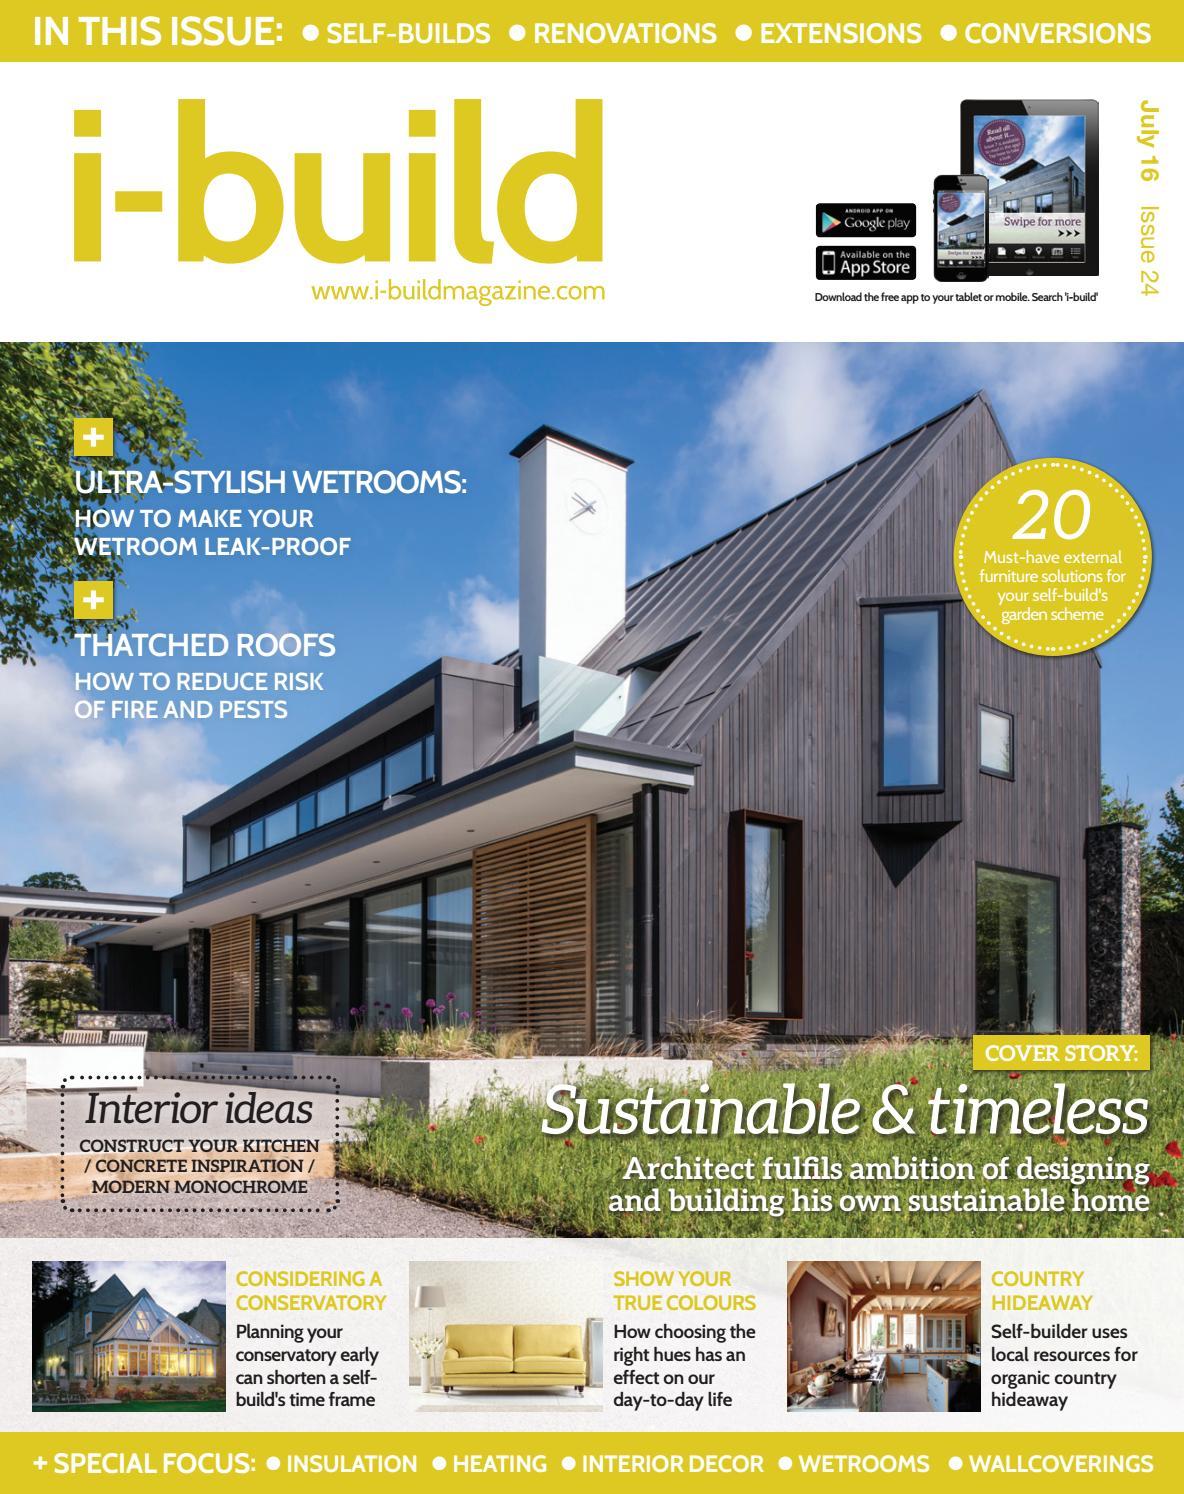 Sustainable stone gatehouse platt architecture pa platt - Sustainable Stone Gatehouse Platt Architecture Pa Platt 20